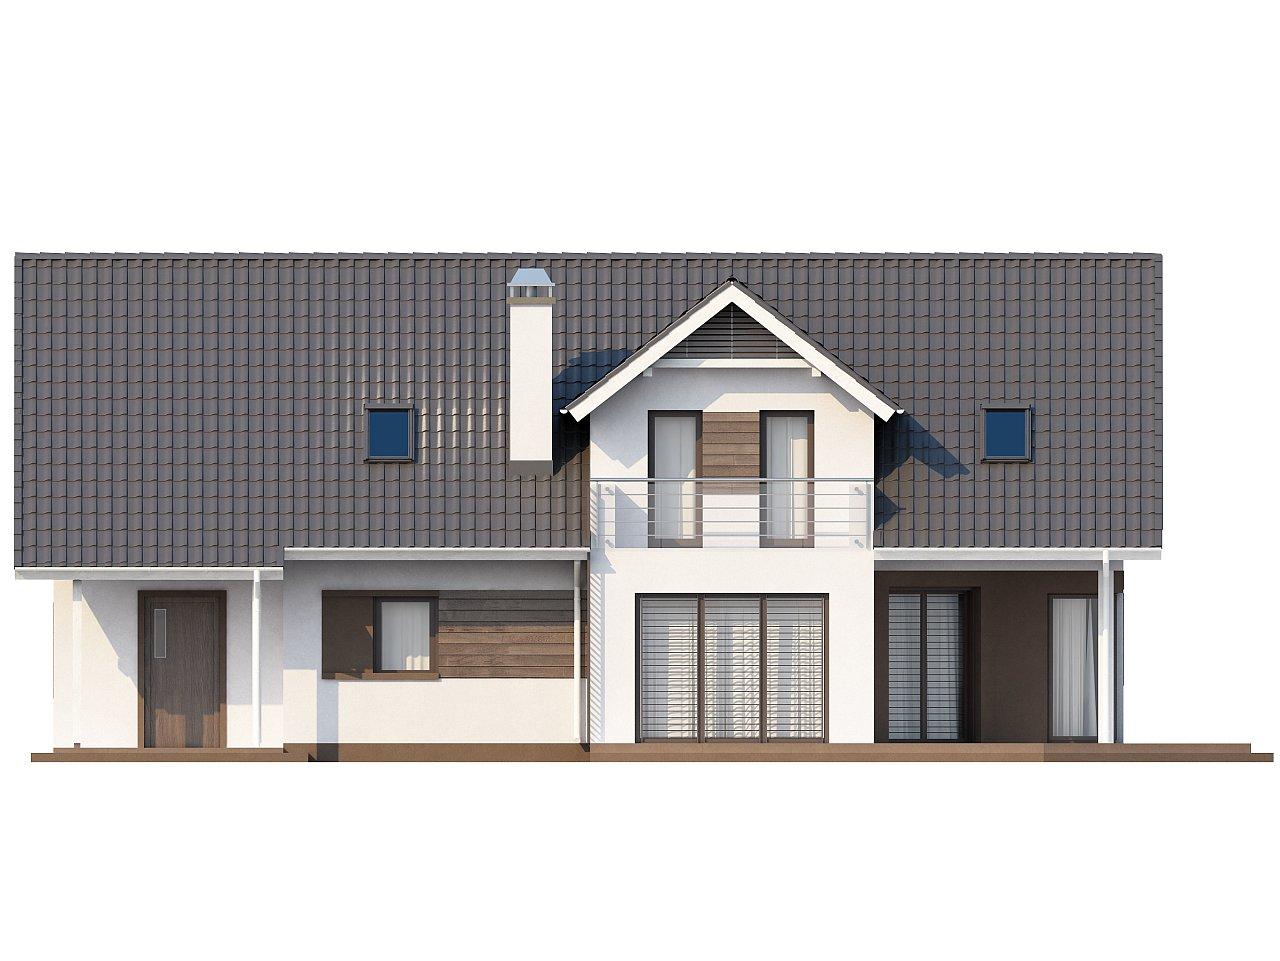 Комфортабельный дом со встроенным гаражом, угловой террасой и кабинетом на первом этаже. - фото 5